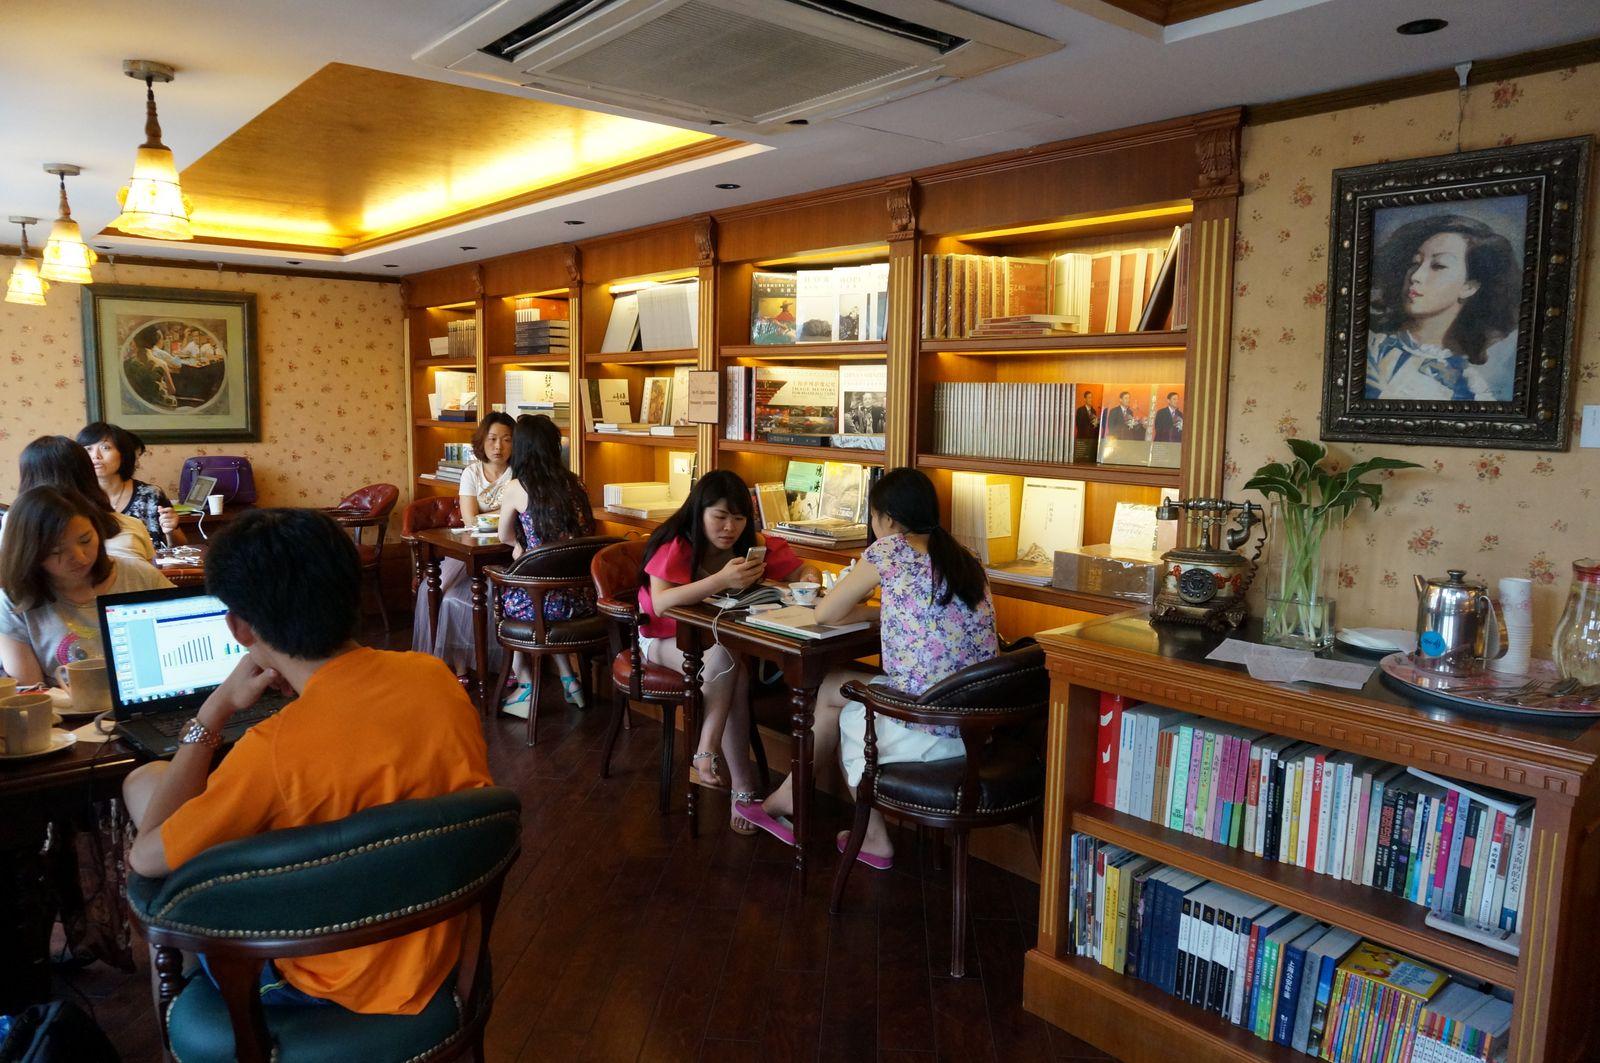 장아이링 북카페에서는 그녀의 열혈팬 `장미`들을 볼 수 있다.